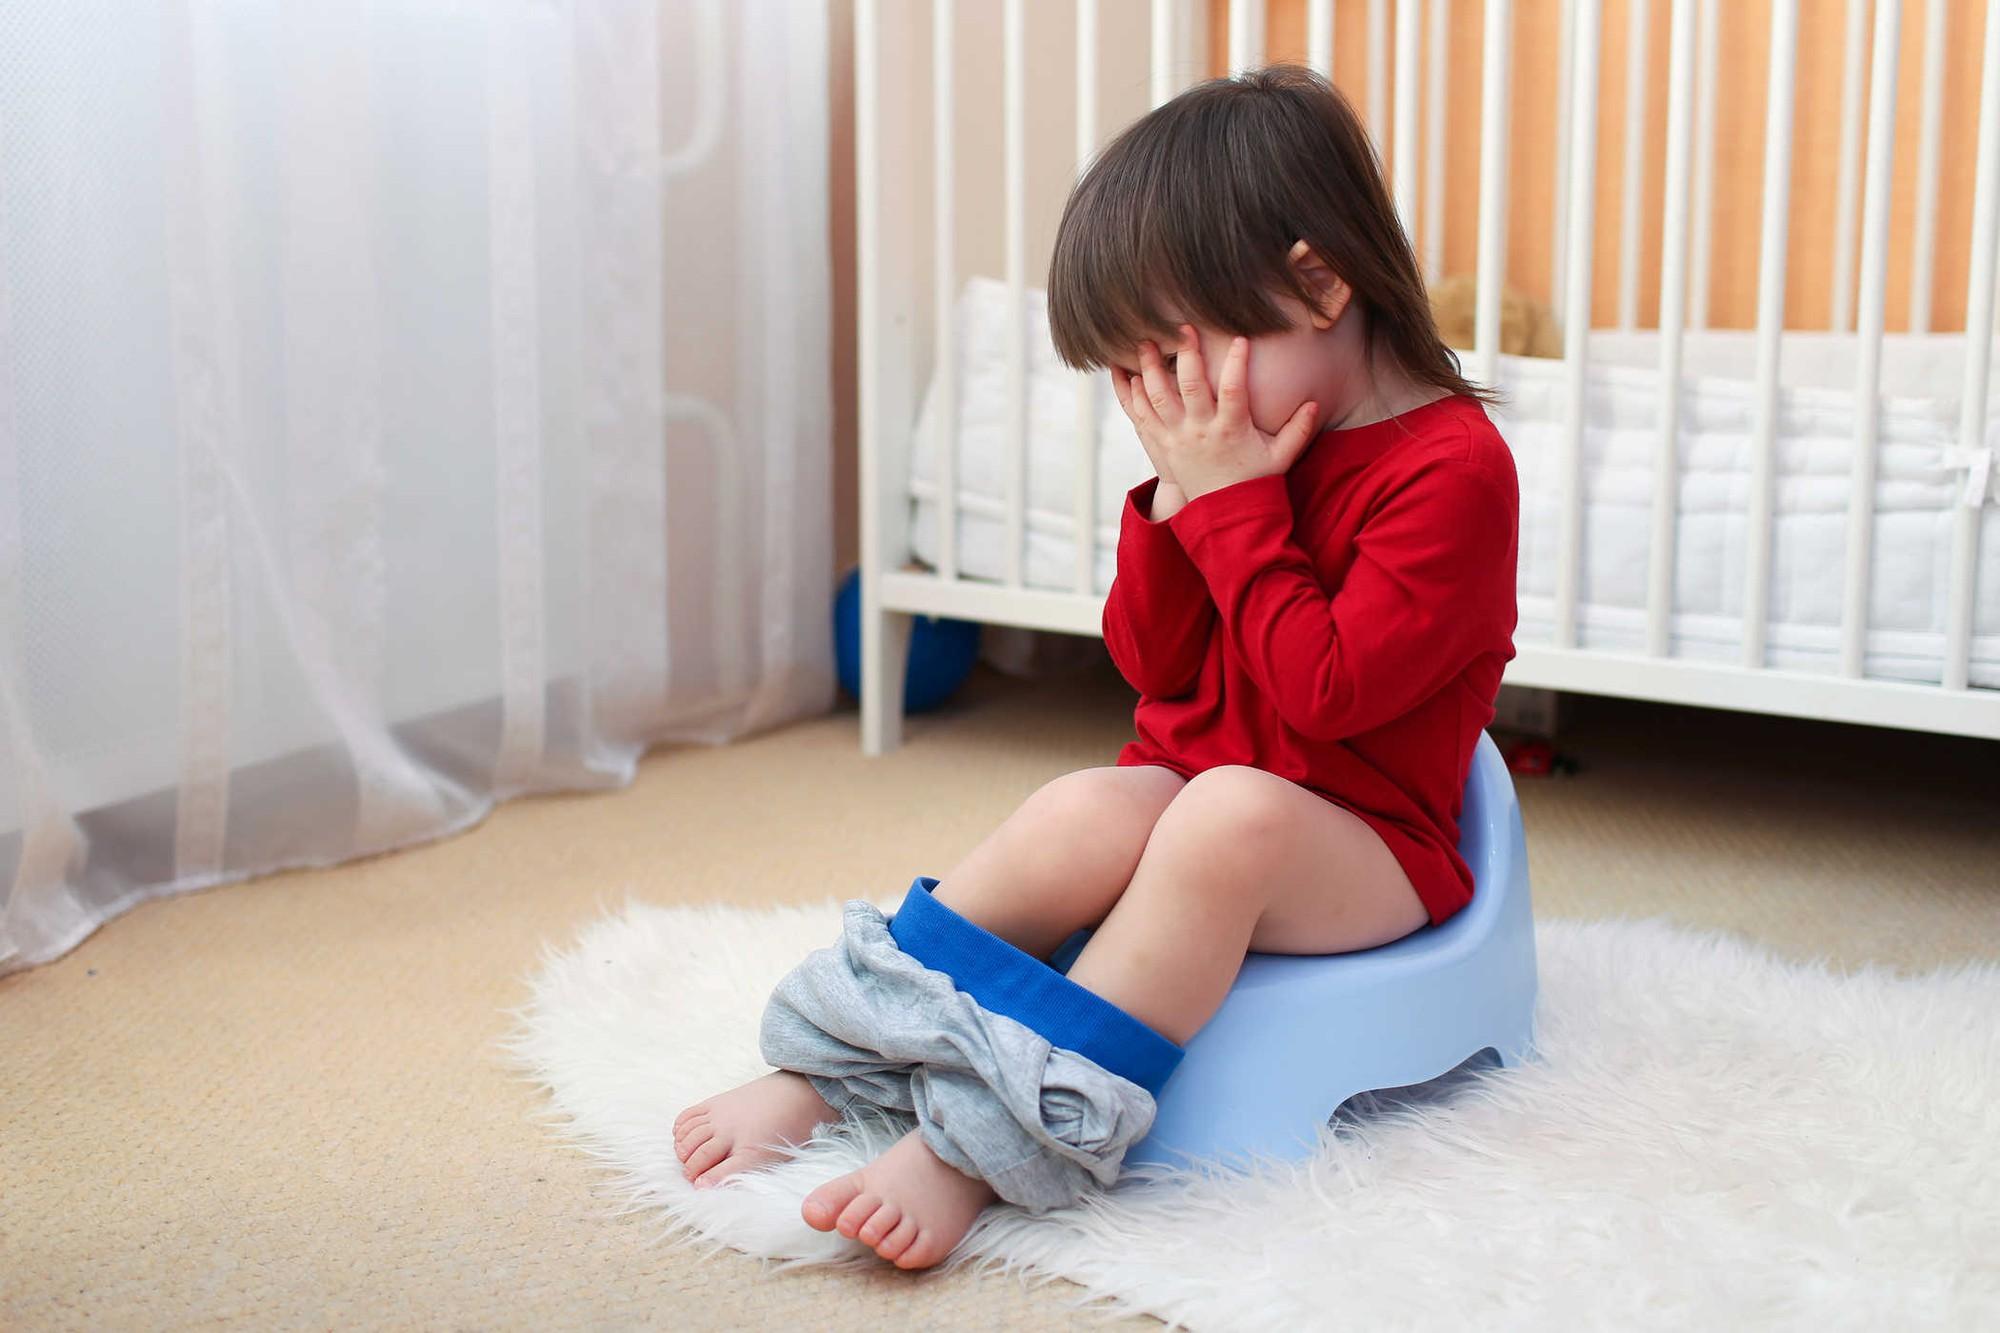 Các bước tập cho trẻ tự đi vệ sinh vào ban đêm, chấm dứt tình trạng đái dầm - Ảnh 1.